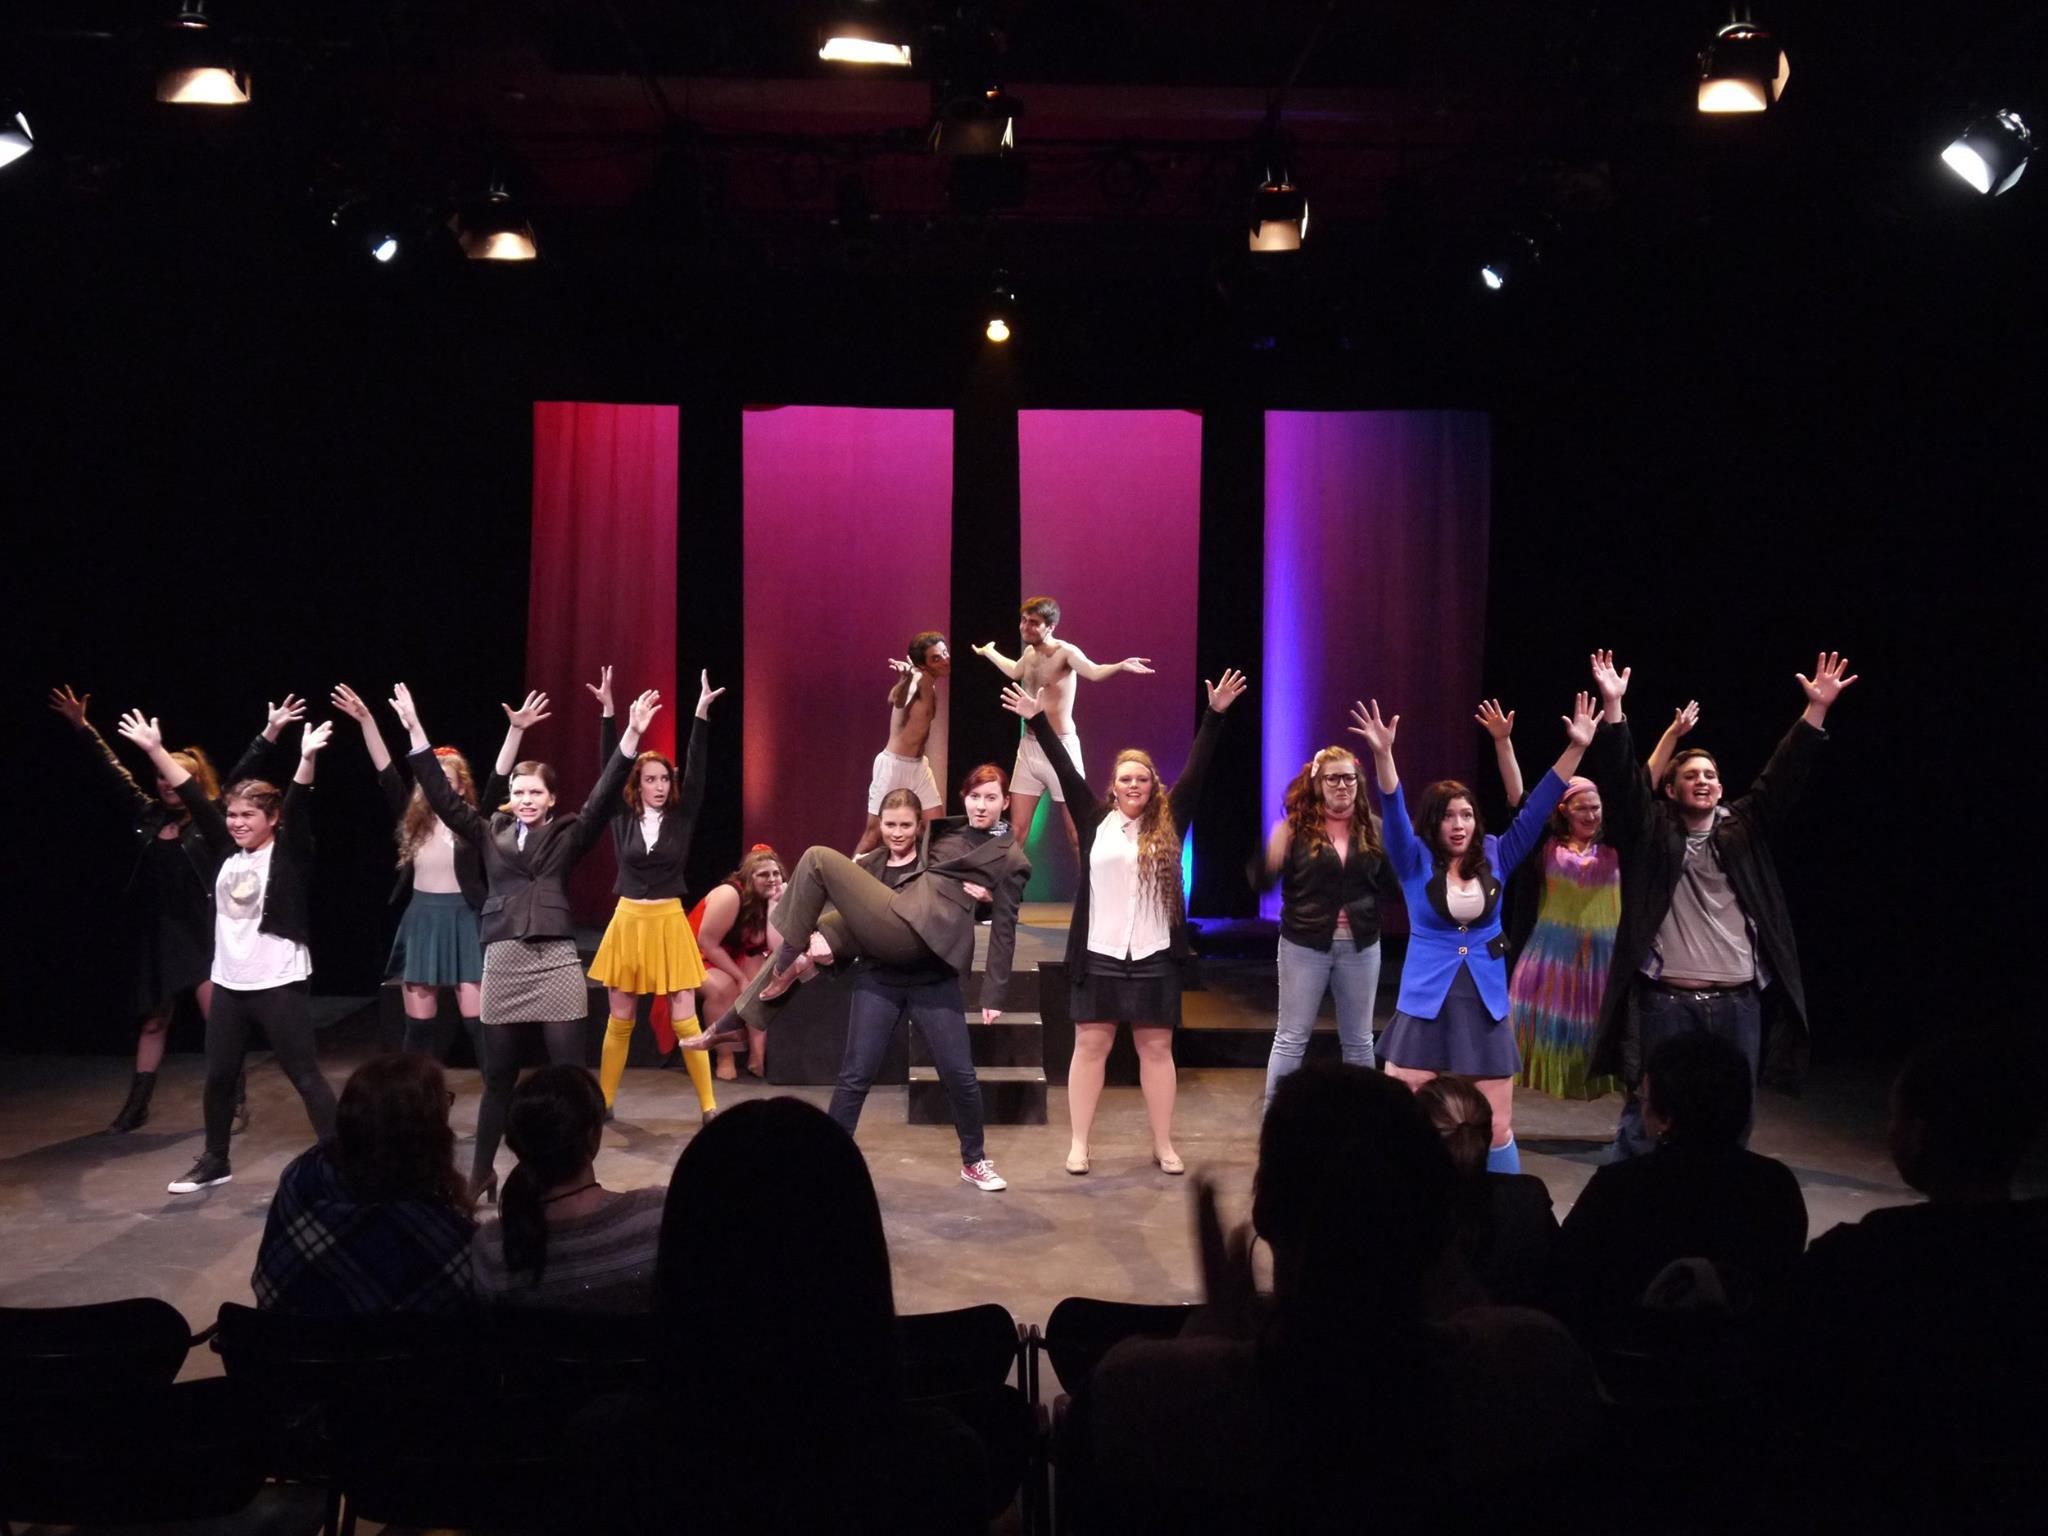 Photo: Glendon Theatre